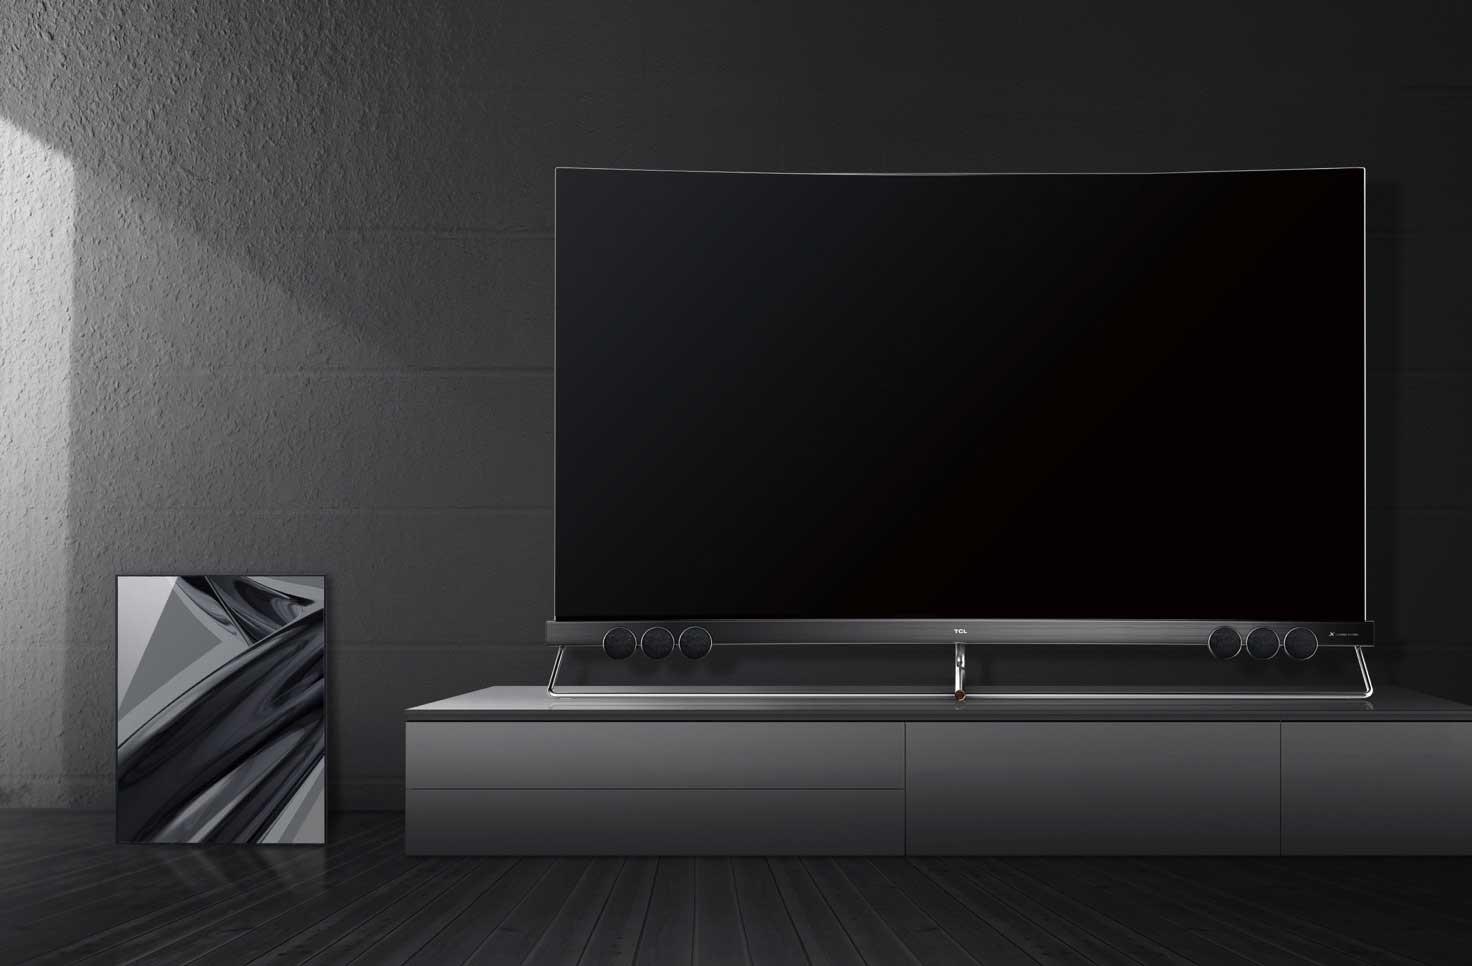 极致,精简、融合 TCL X5为当代新精英定位理想生活